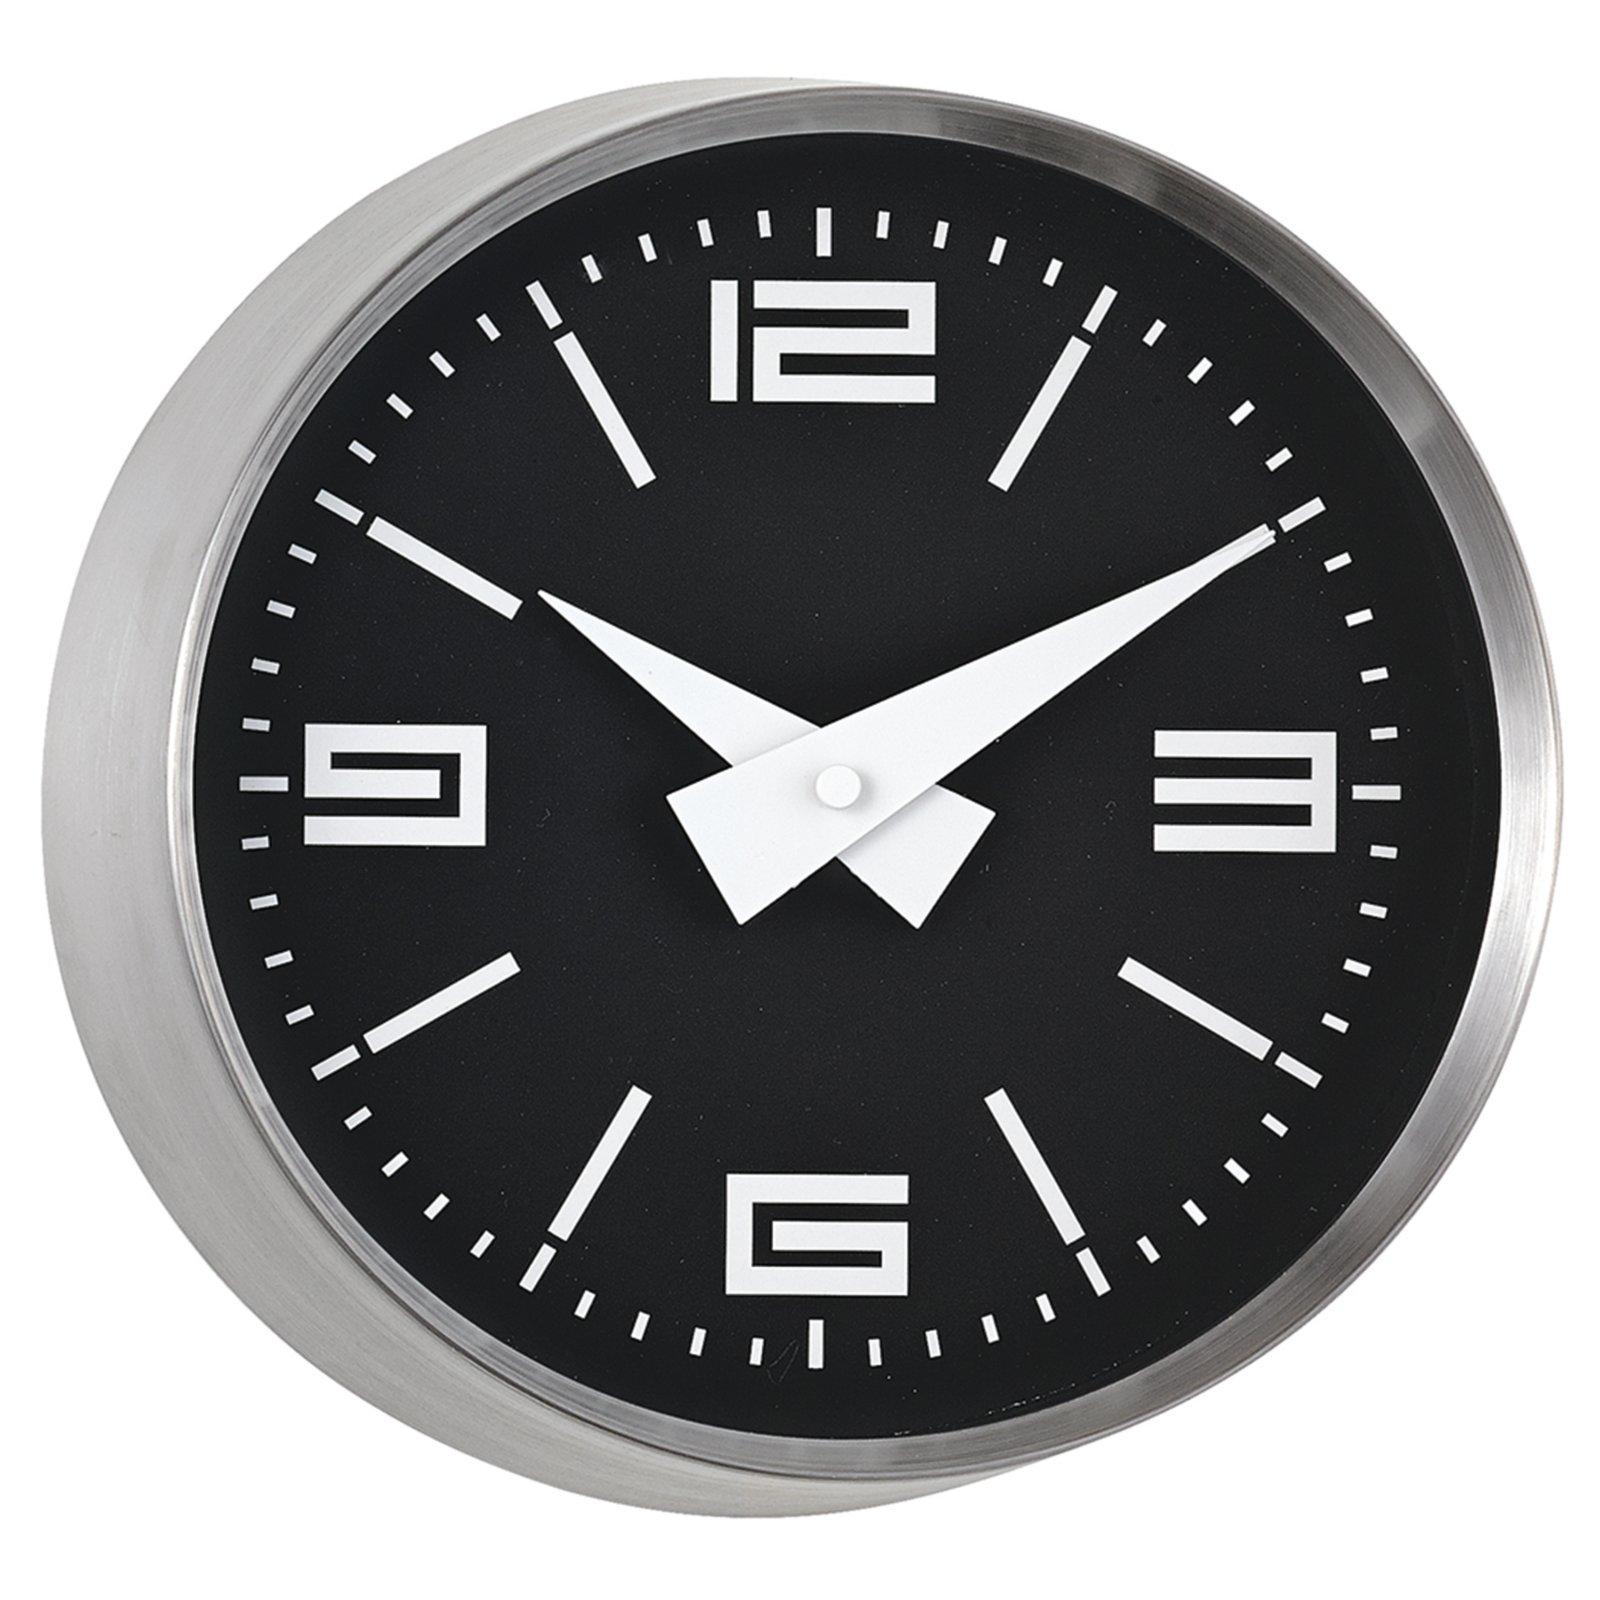 QuarzWanduhr  silberschwarz  Ø 23 cm  Uhren & Wecker  ~ Spülbecken Quarz